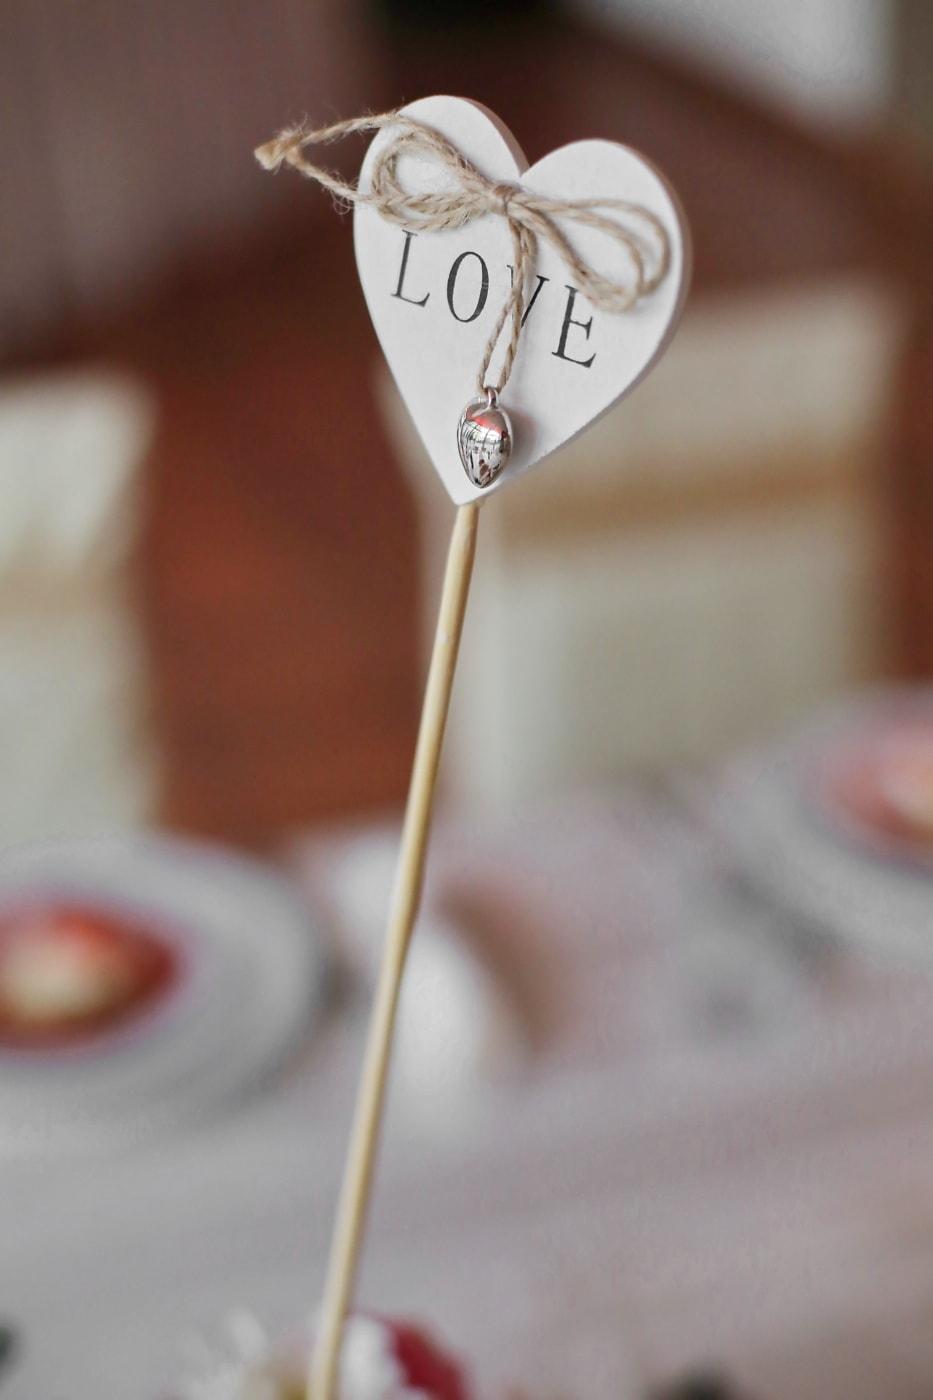 gåva, Kärlek, form, hjärta, trä, handgjorda, romantik, trä, stilla liv, oskärpa